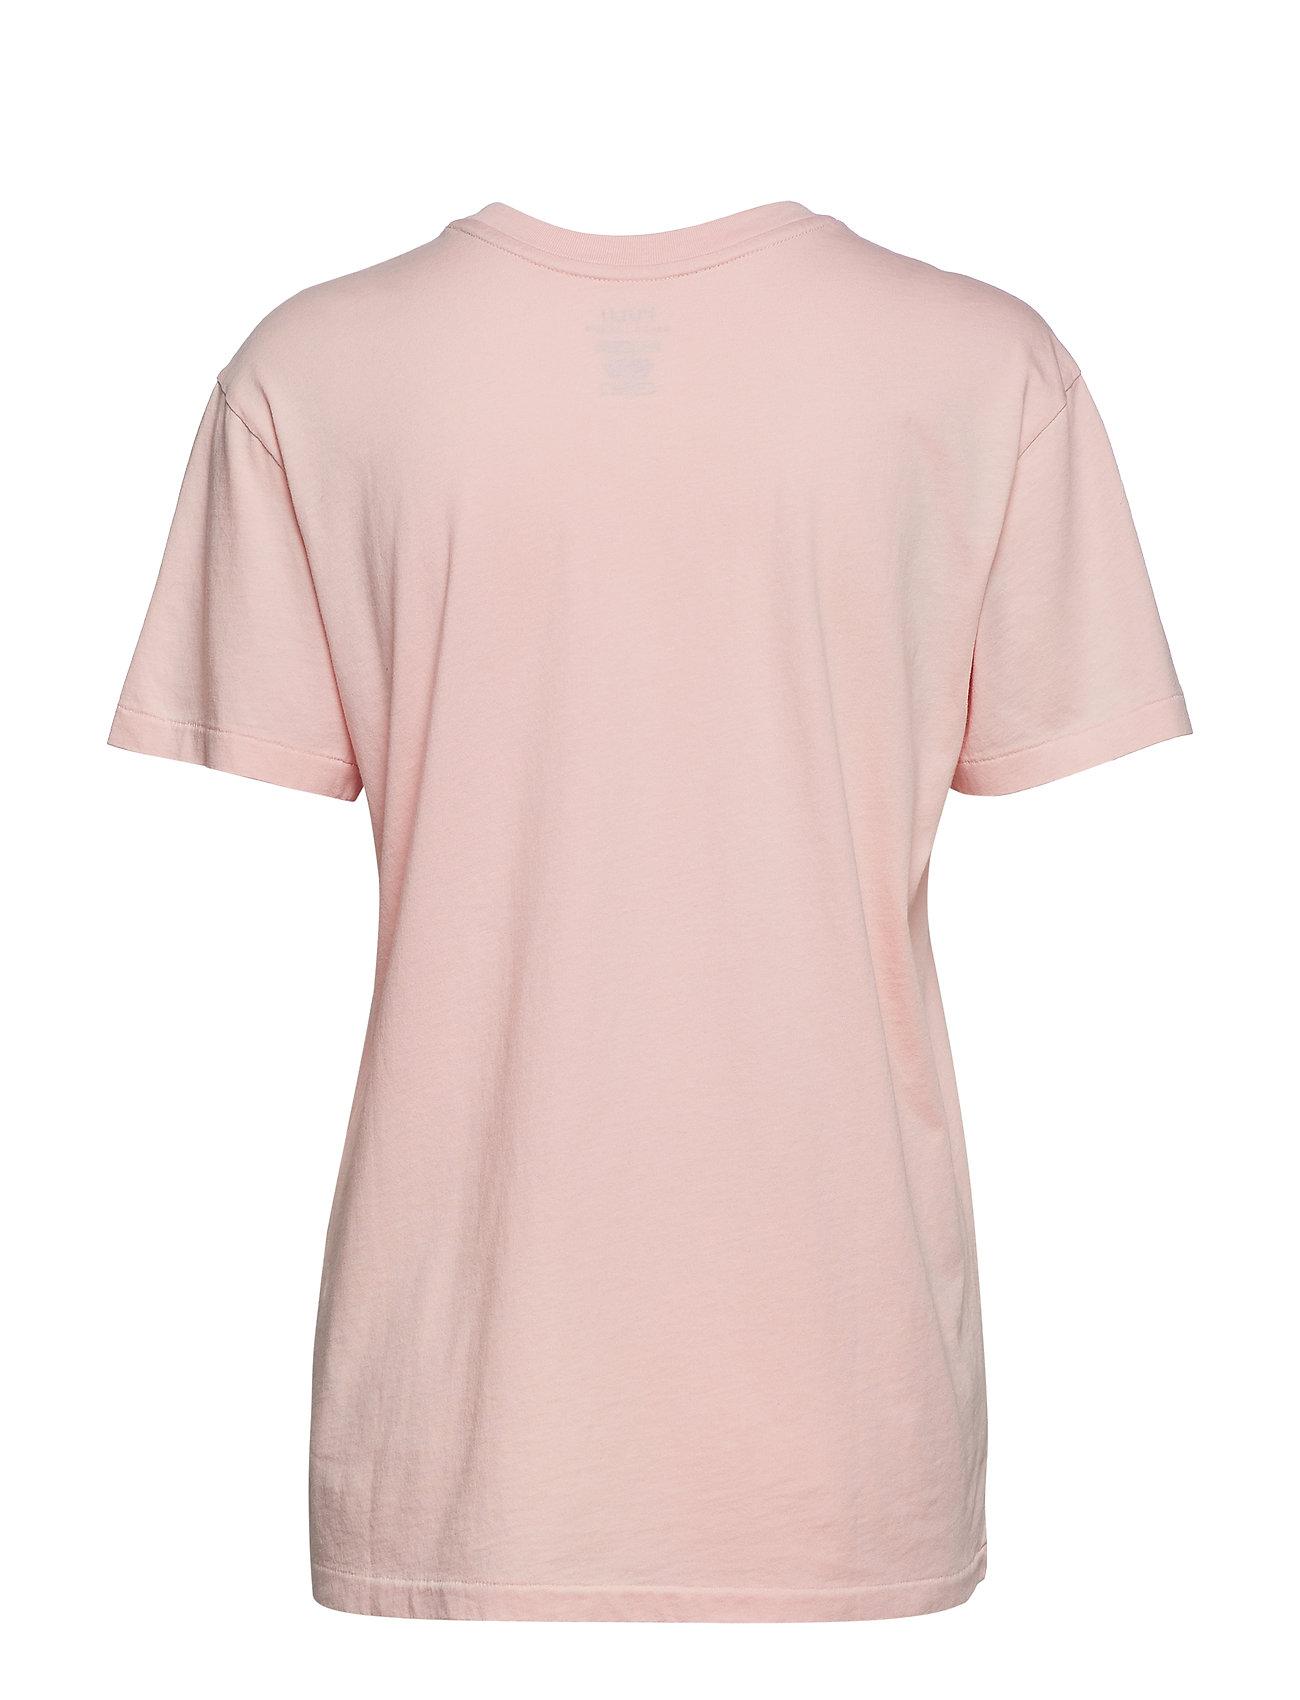 Fit SandRalph Cotton Lauren Polo T shirtpink Big F3KJclT1u